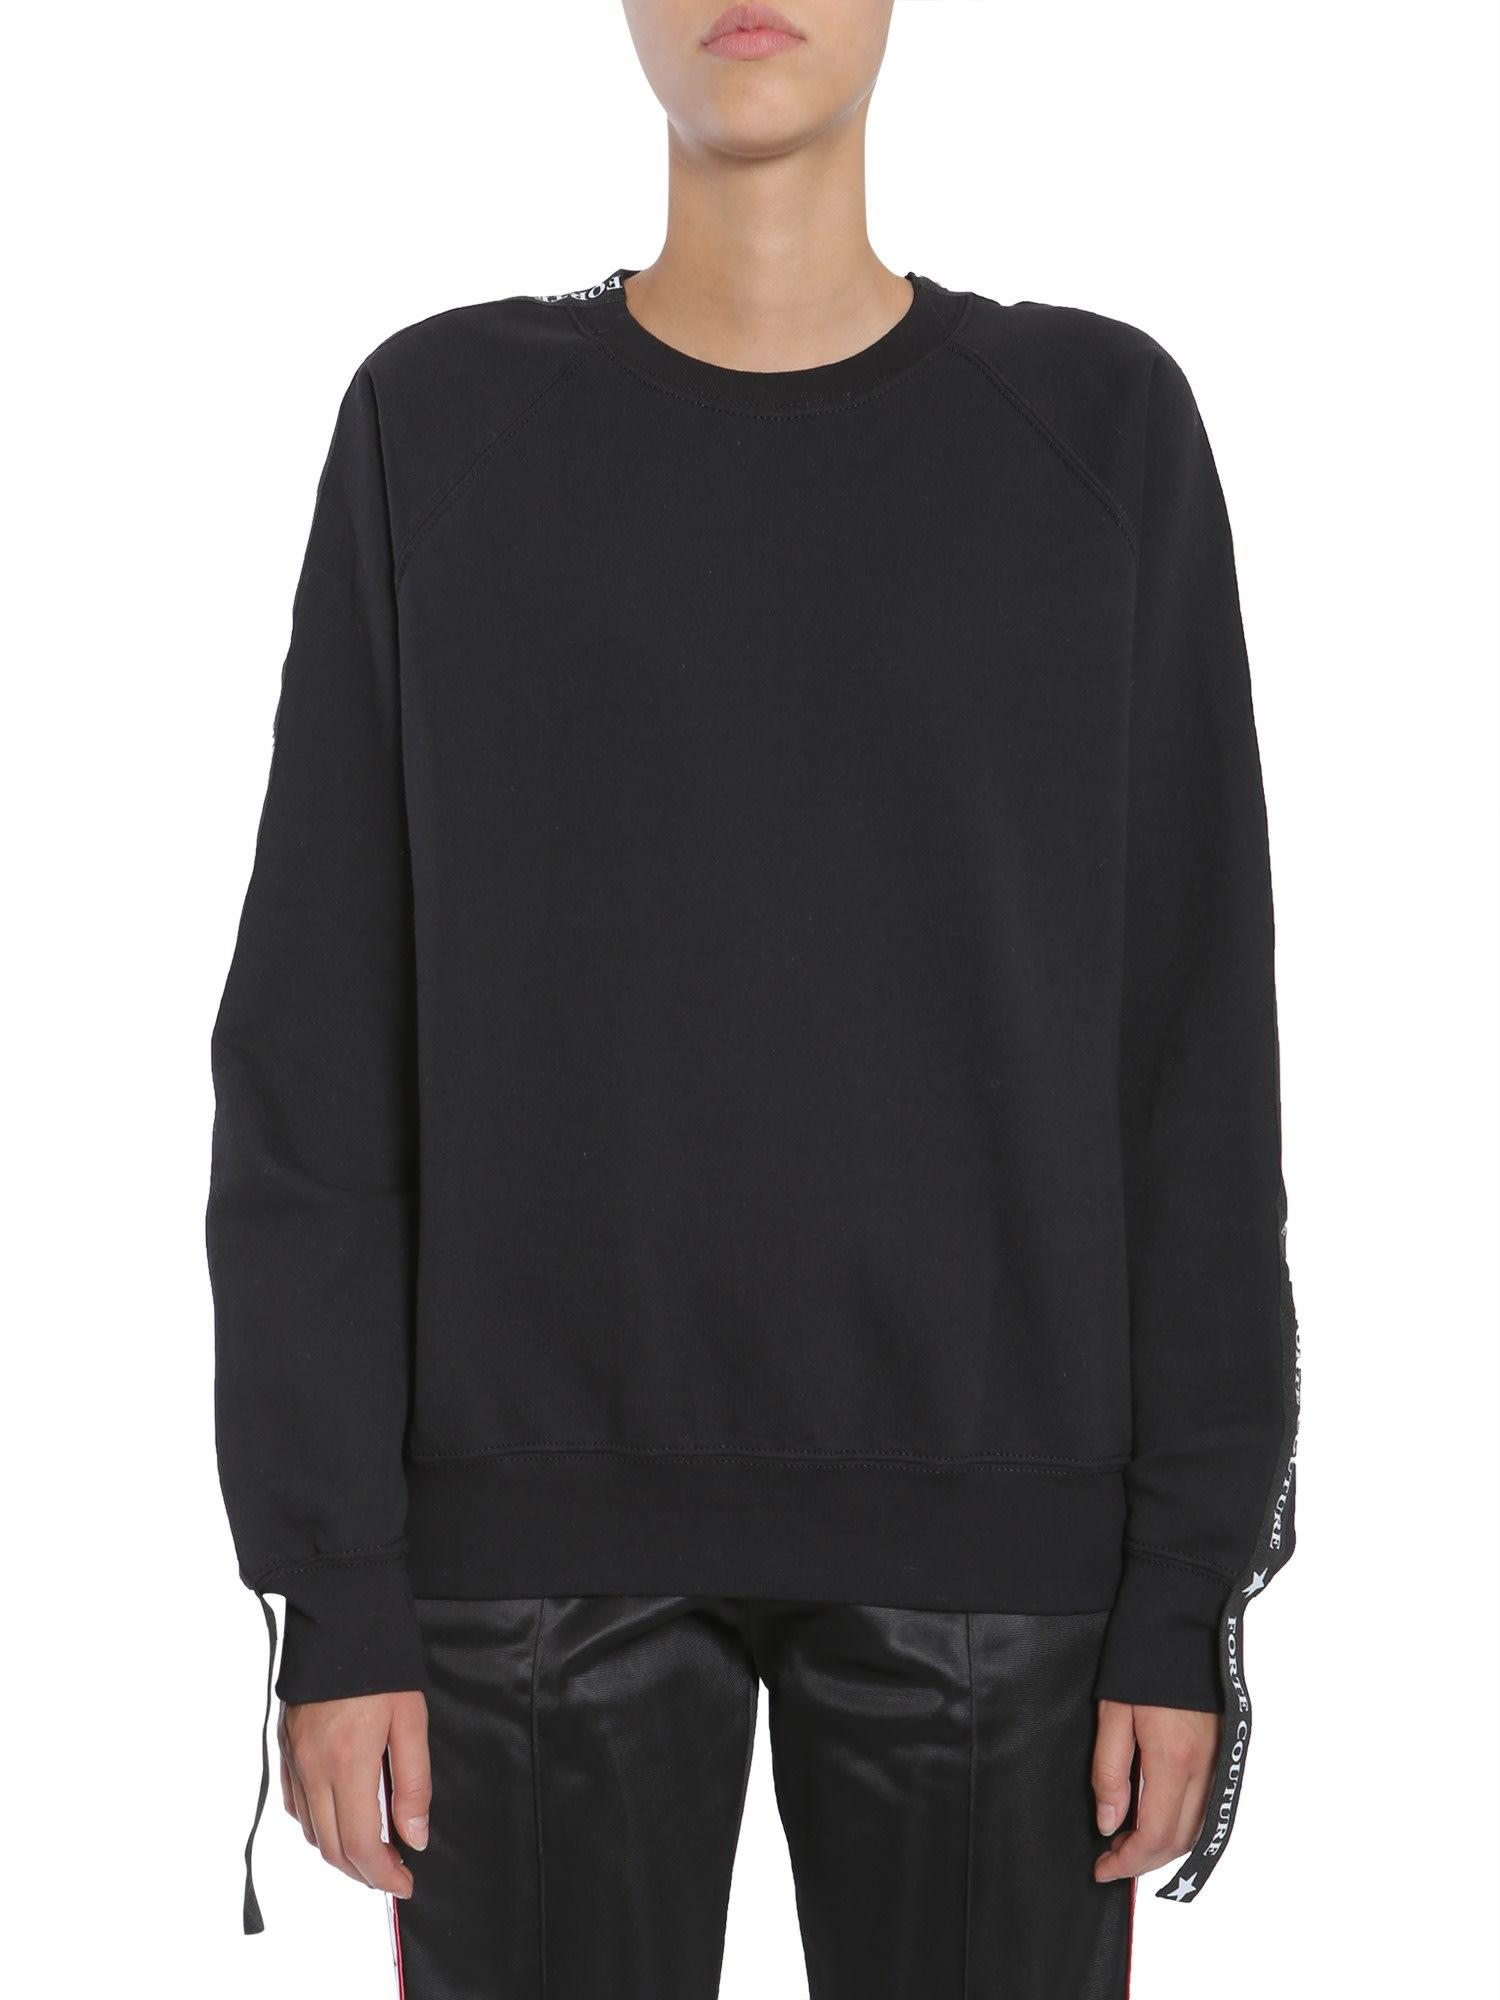 Sweatshirt With Side Logo Band